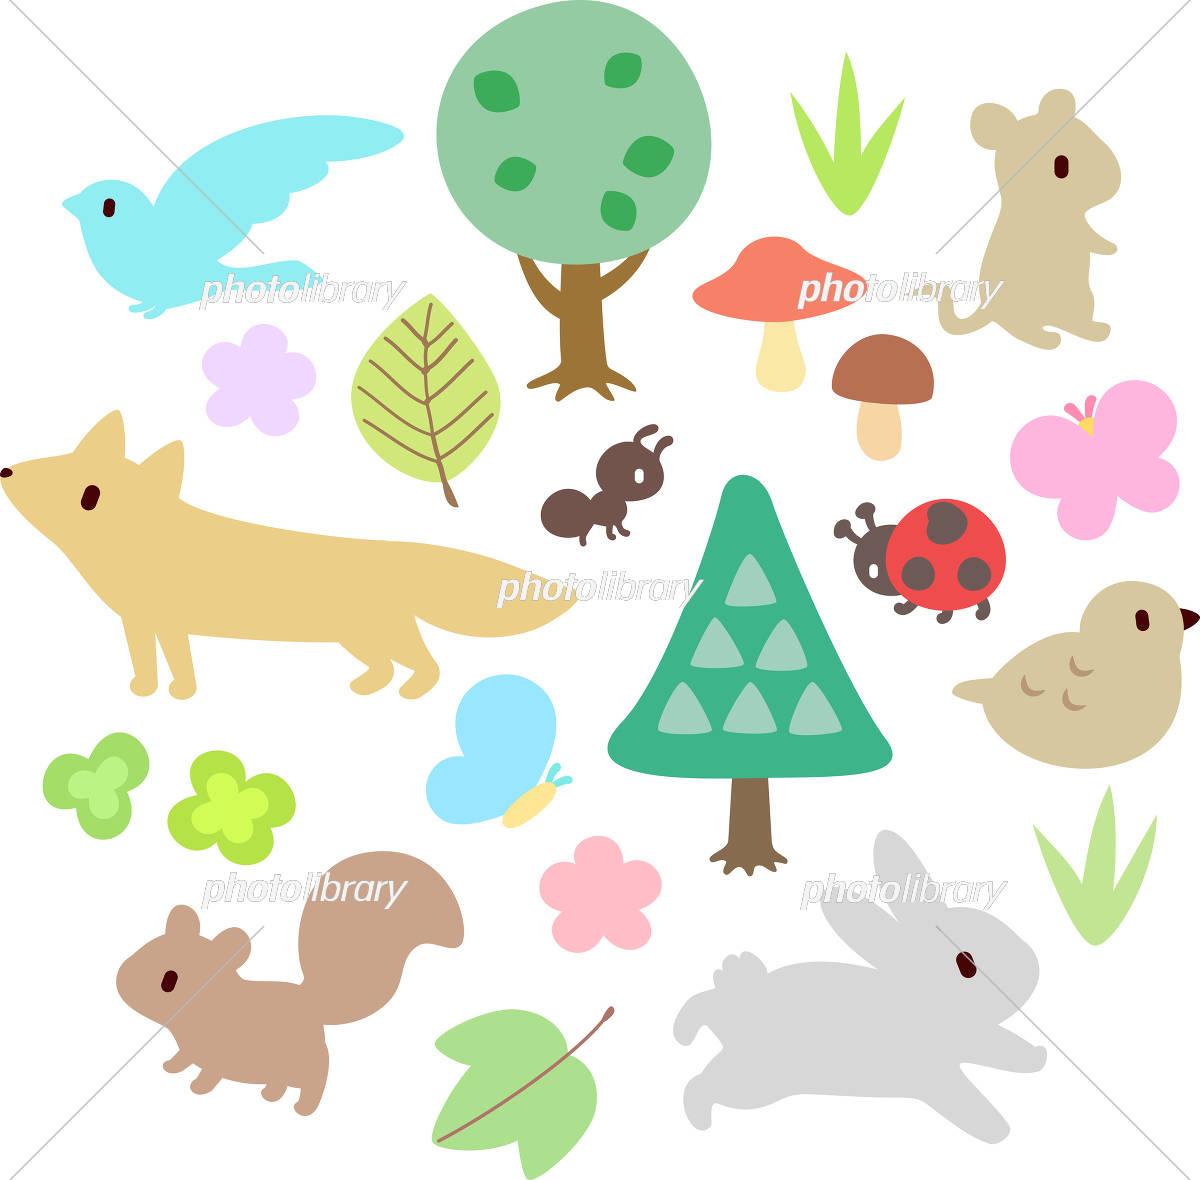 森の動物と植物 イラスト素材 [ 5499003 ] - フォトライブラリー